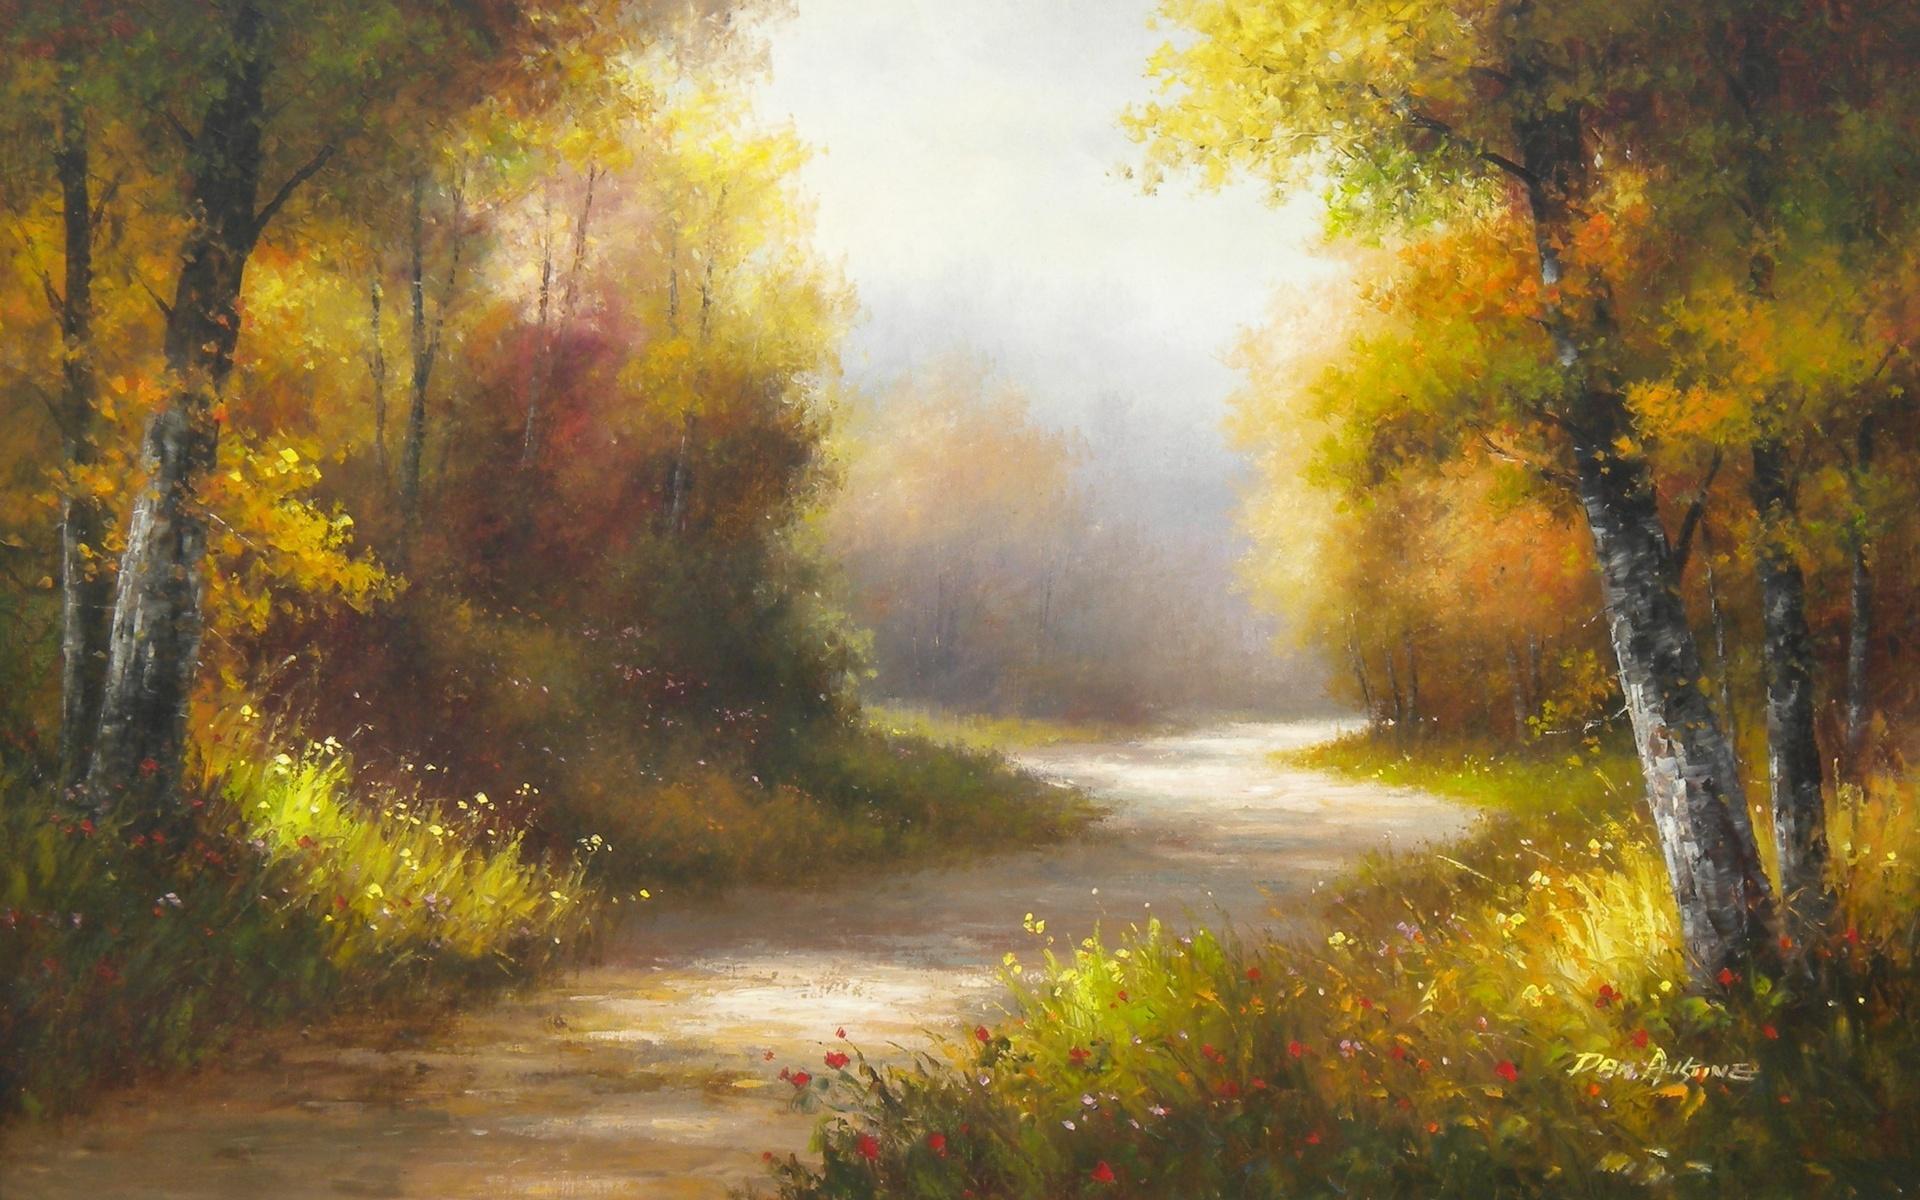 1. Дальняя дорога - Золотой свет на эфесе меча.